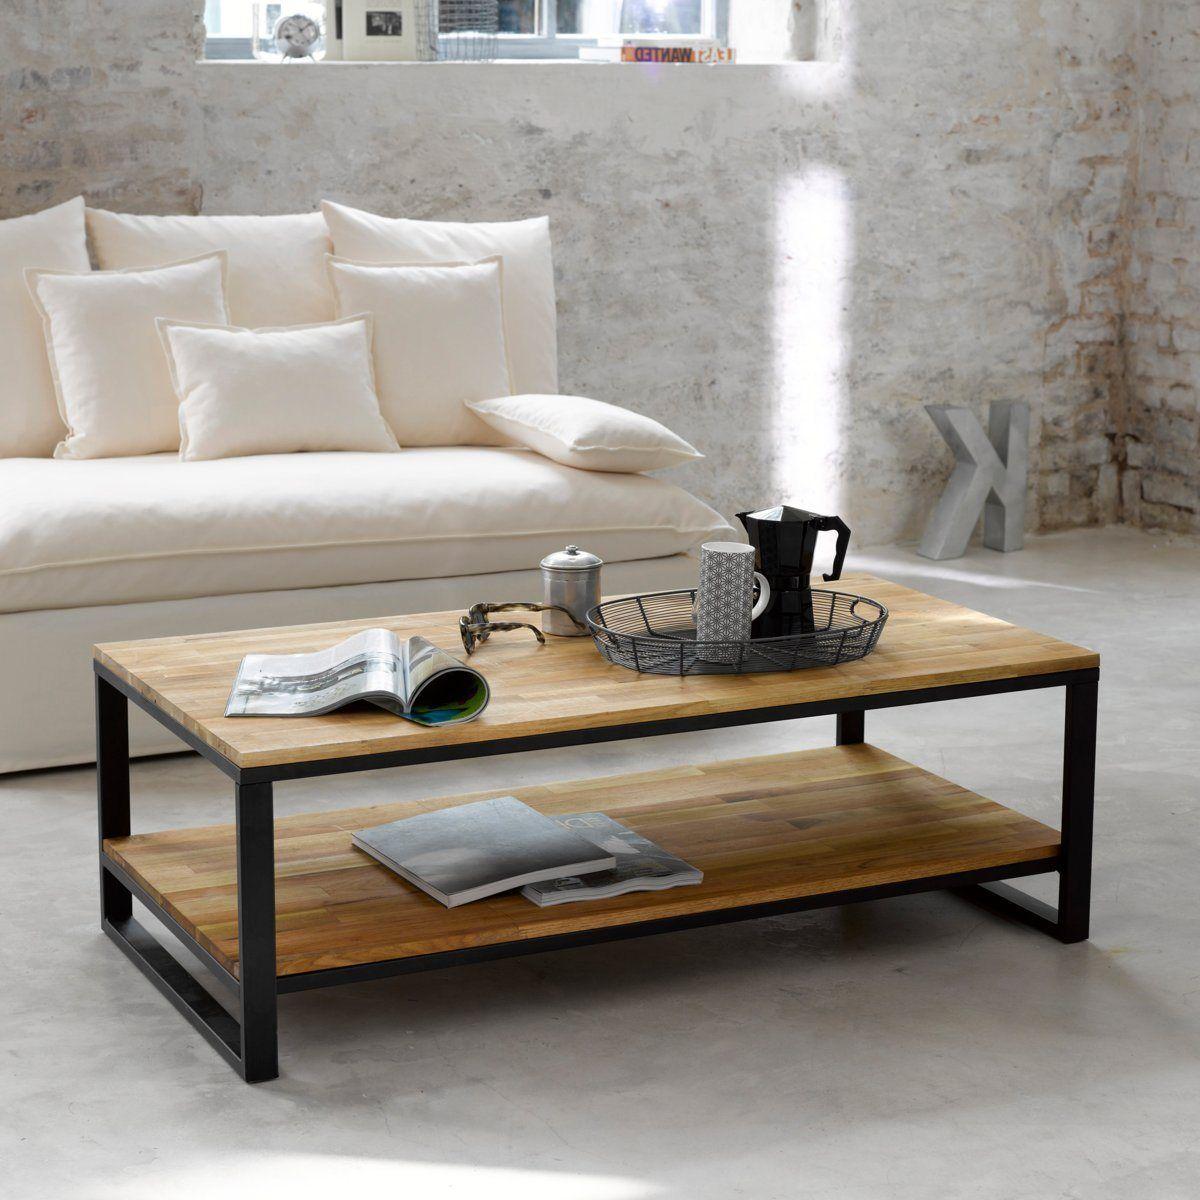 table basse ch ne et acier hiba home sweet home. Black Bedroom Furniture Sets. Home Design Ideas